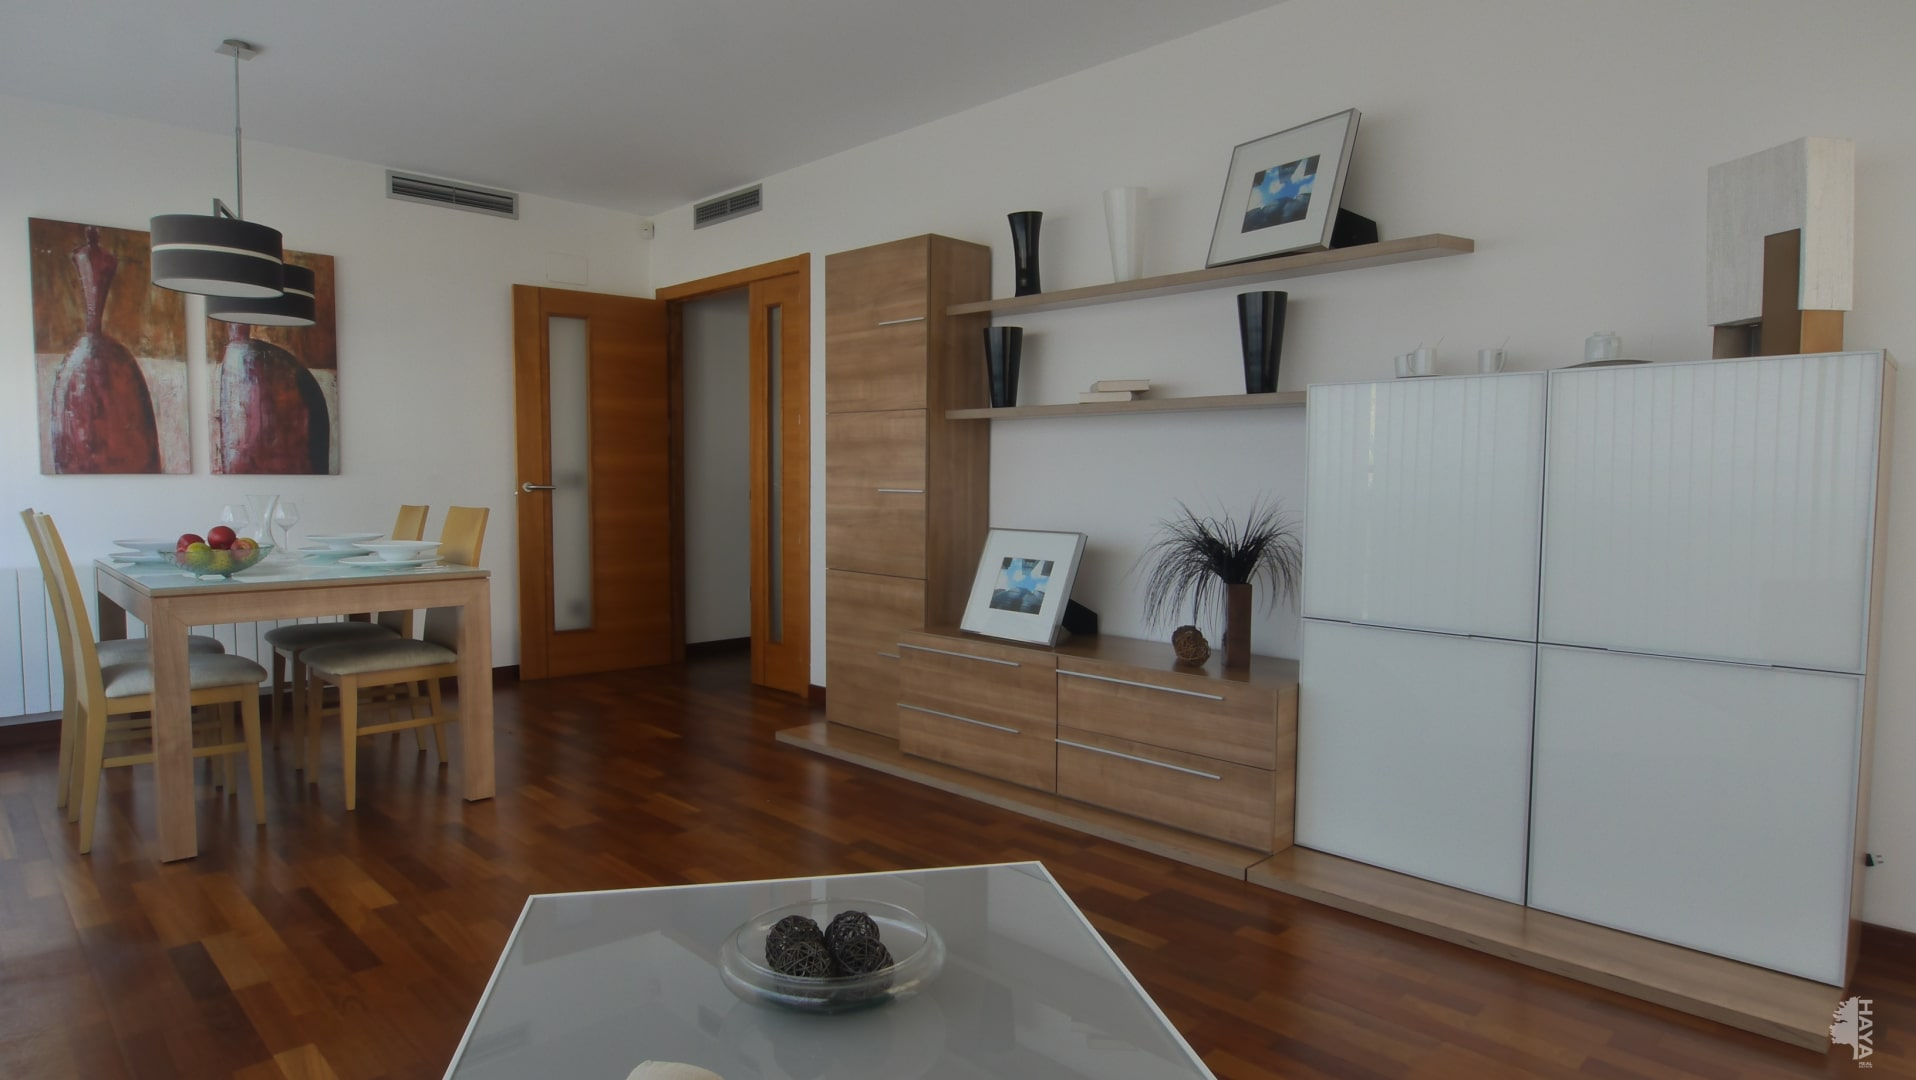 Piso en venta en Castellón de la Plana/castelló de la Plana, Castellón, Avenida Villarreal, 110.000 €, 1 habitación, 1 baño, 57 m2